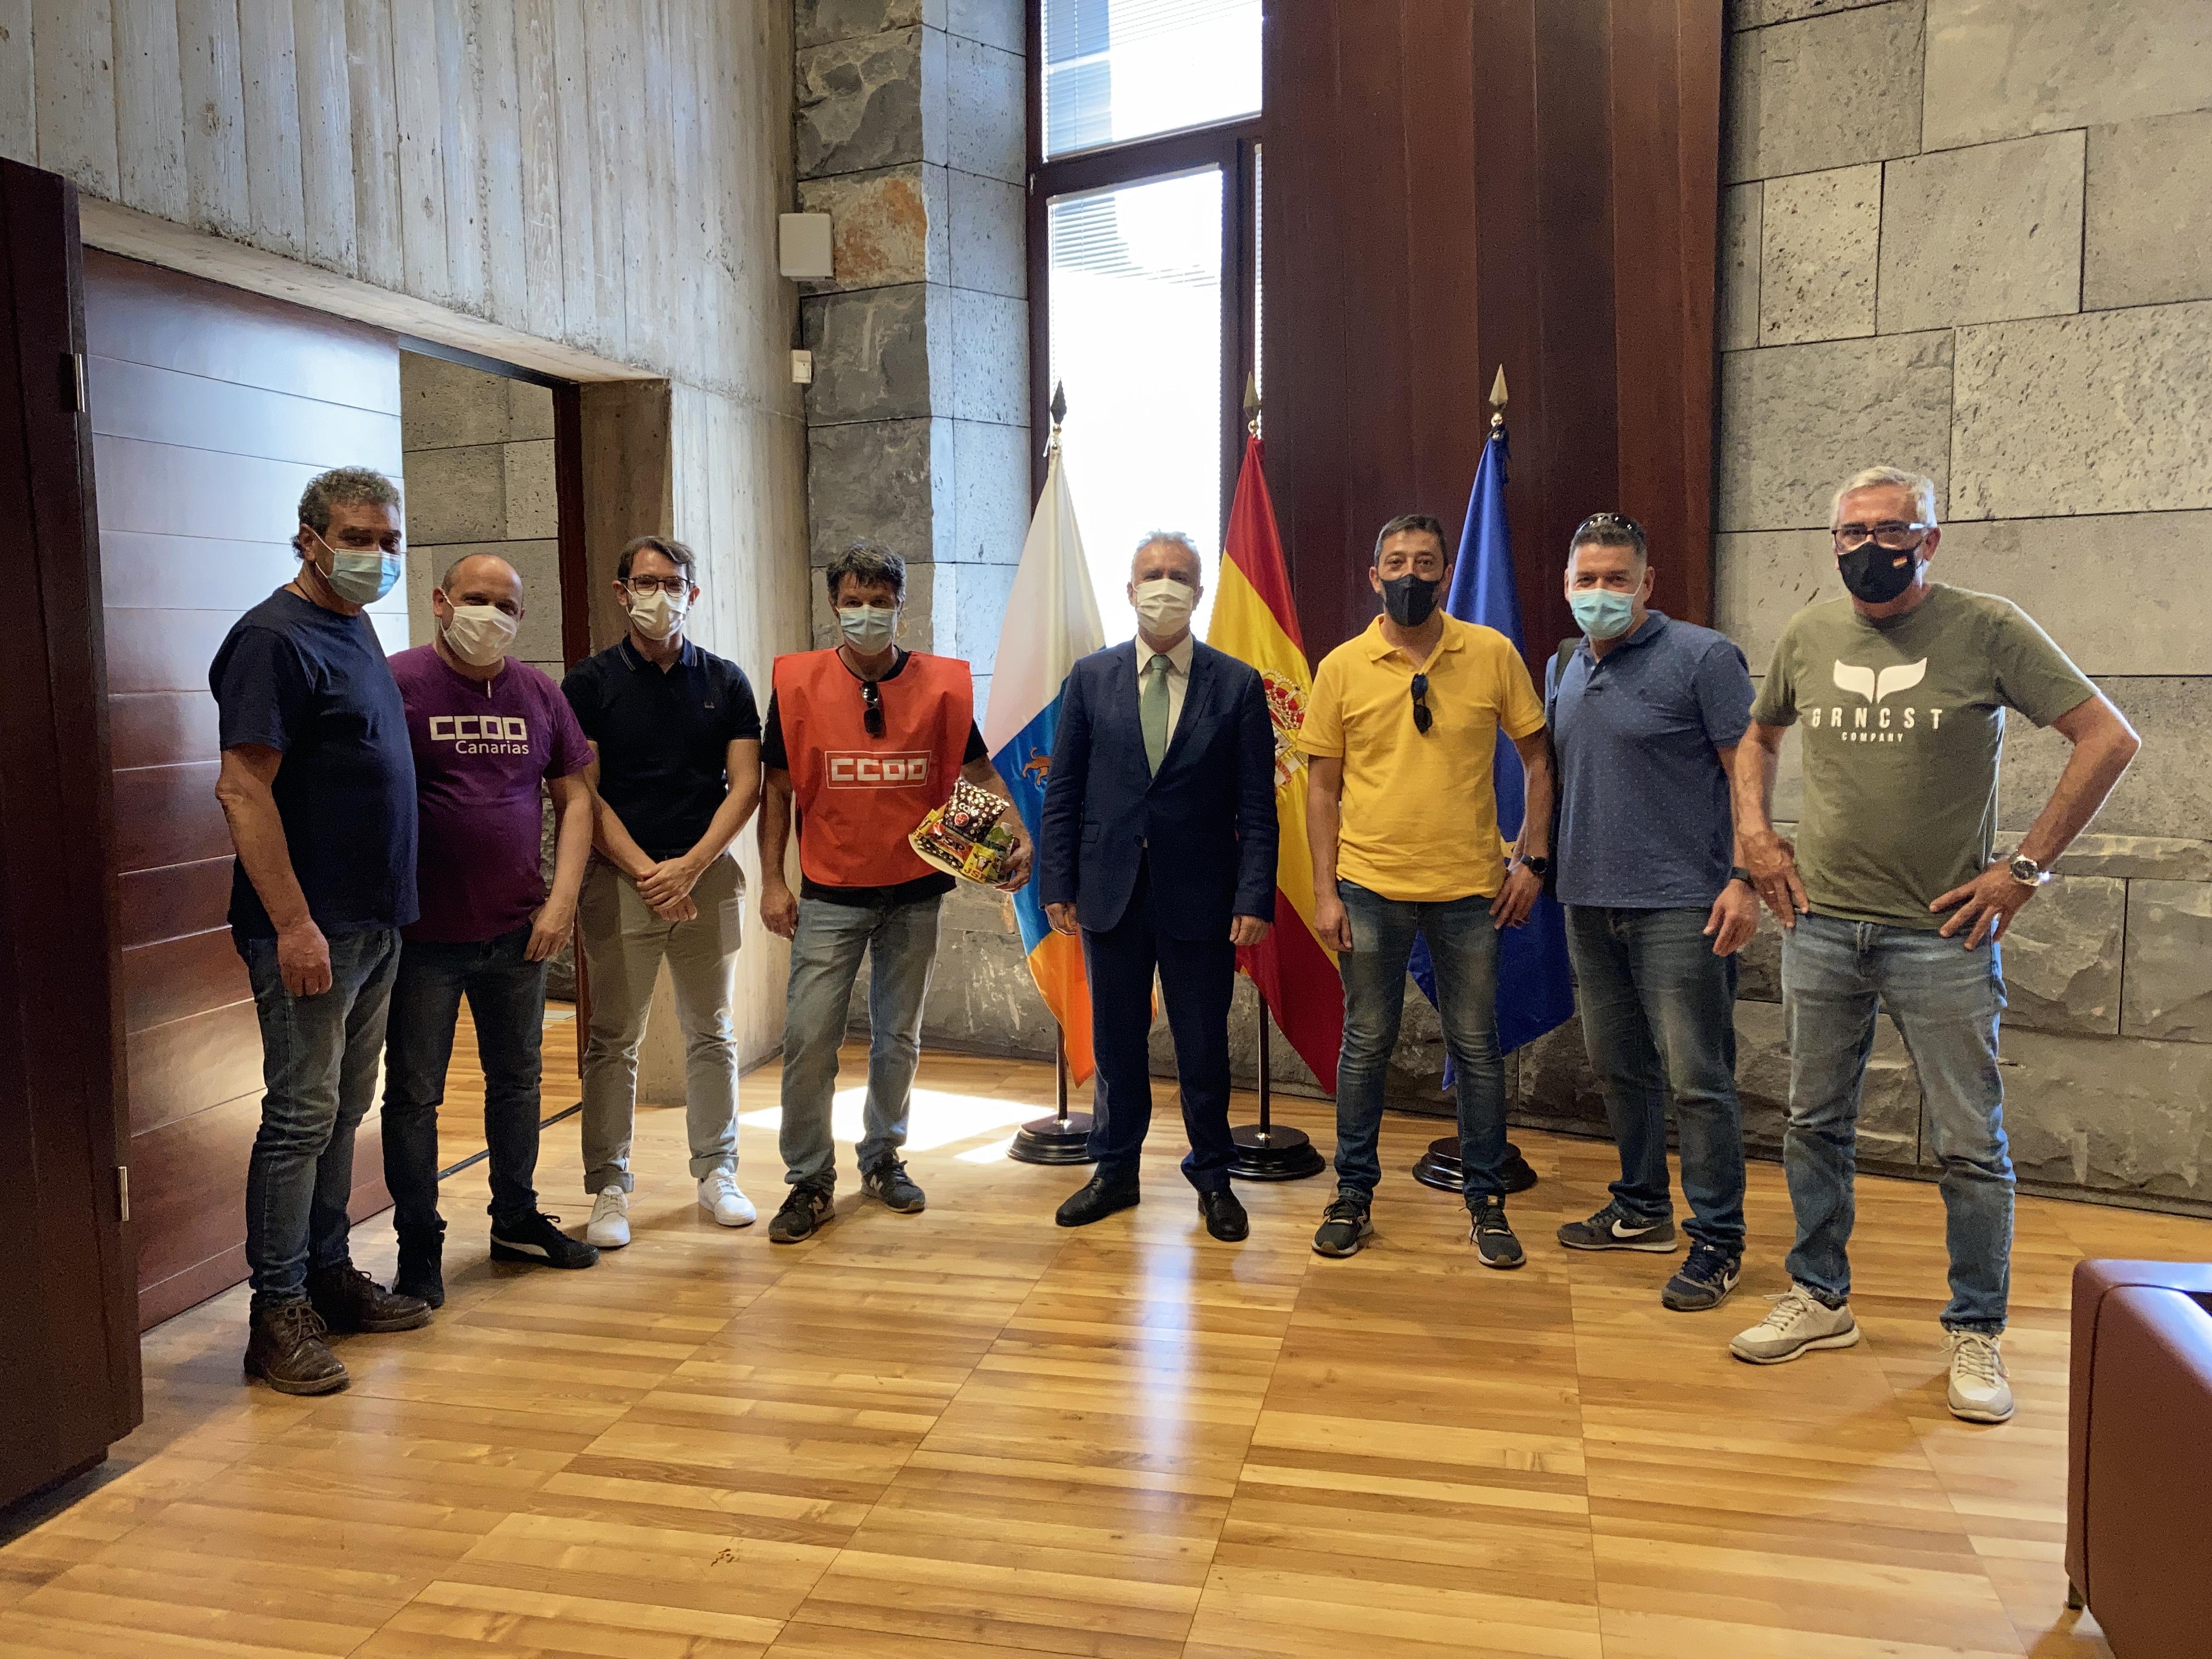 Imagen de los asistentes a la reunión de hoy